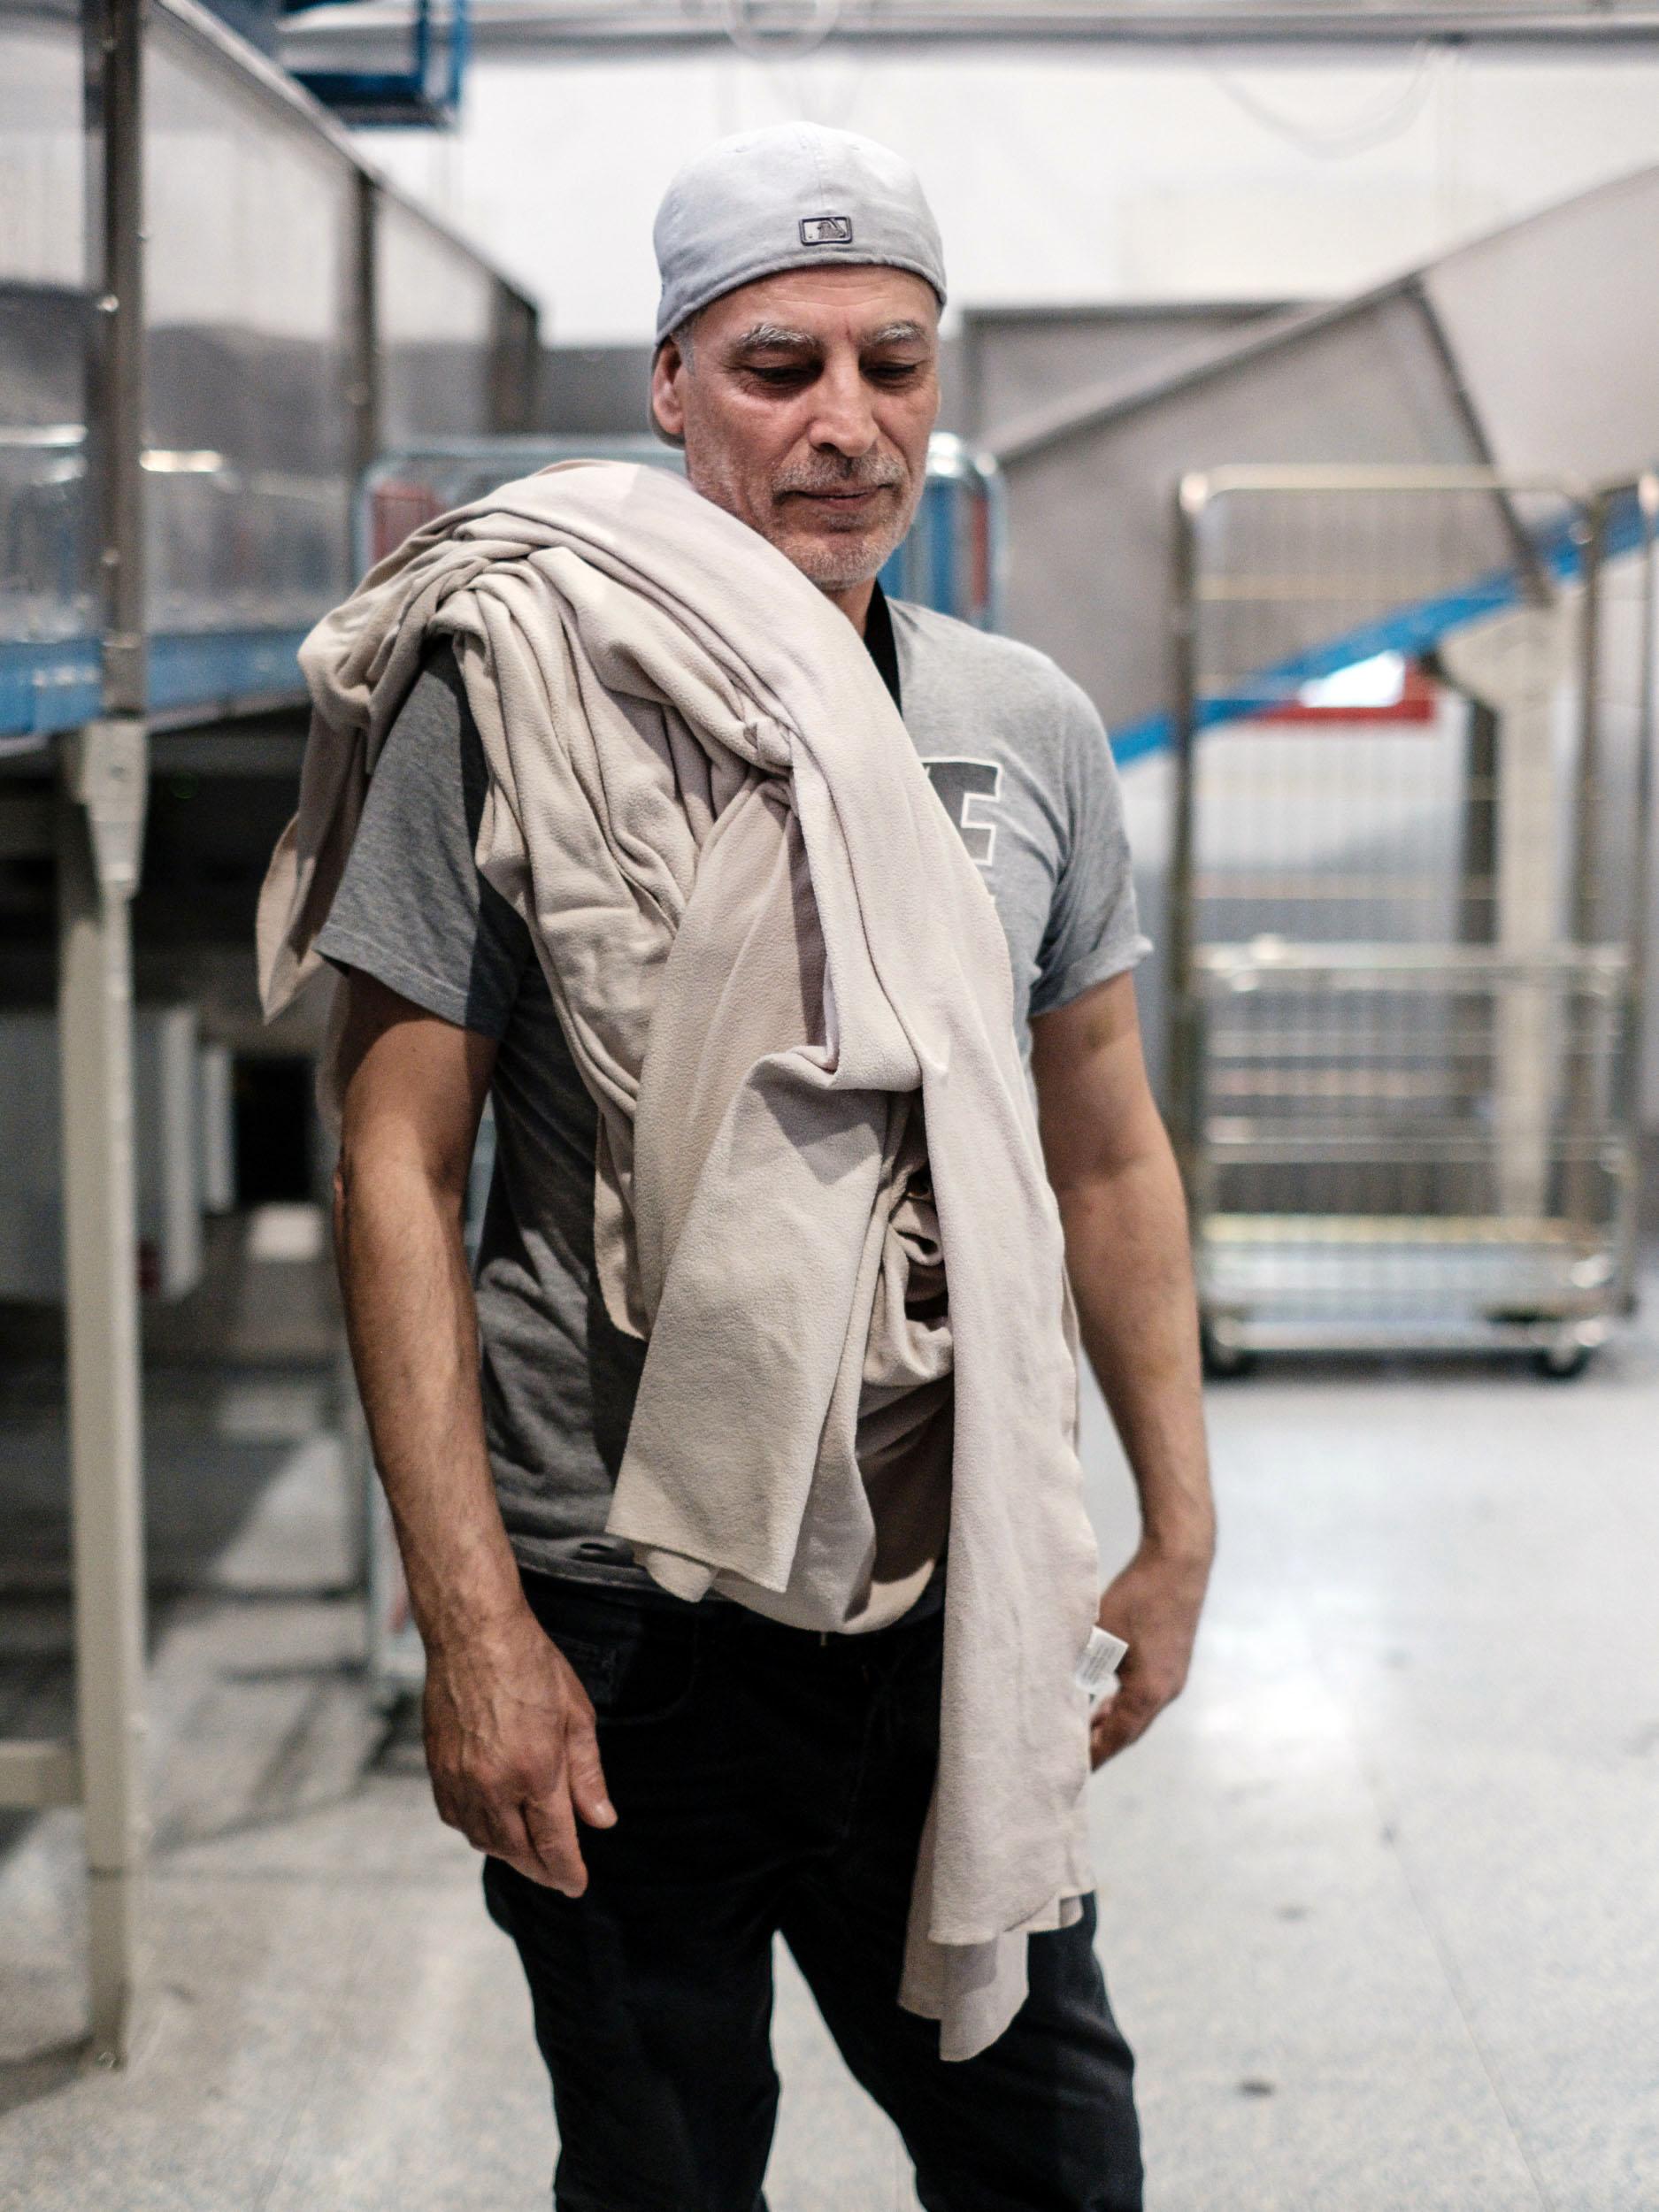 Michel,  travailleur en situation de handicap (Sourd-Muet). Usine de Blanchisserie ANR Service. Tremblay-en-France. 2019. Projet personnel en cours.